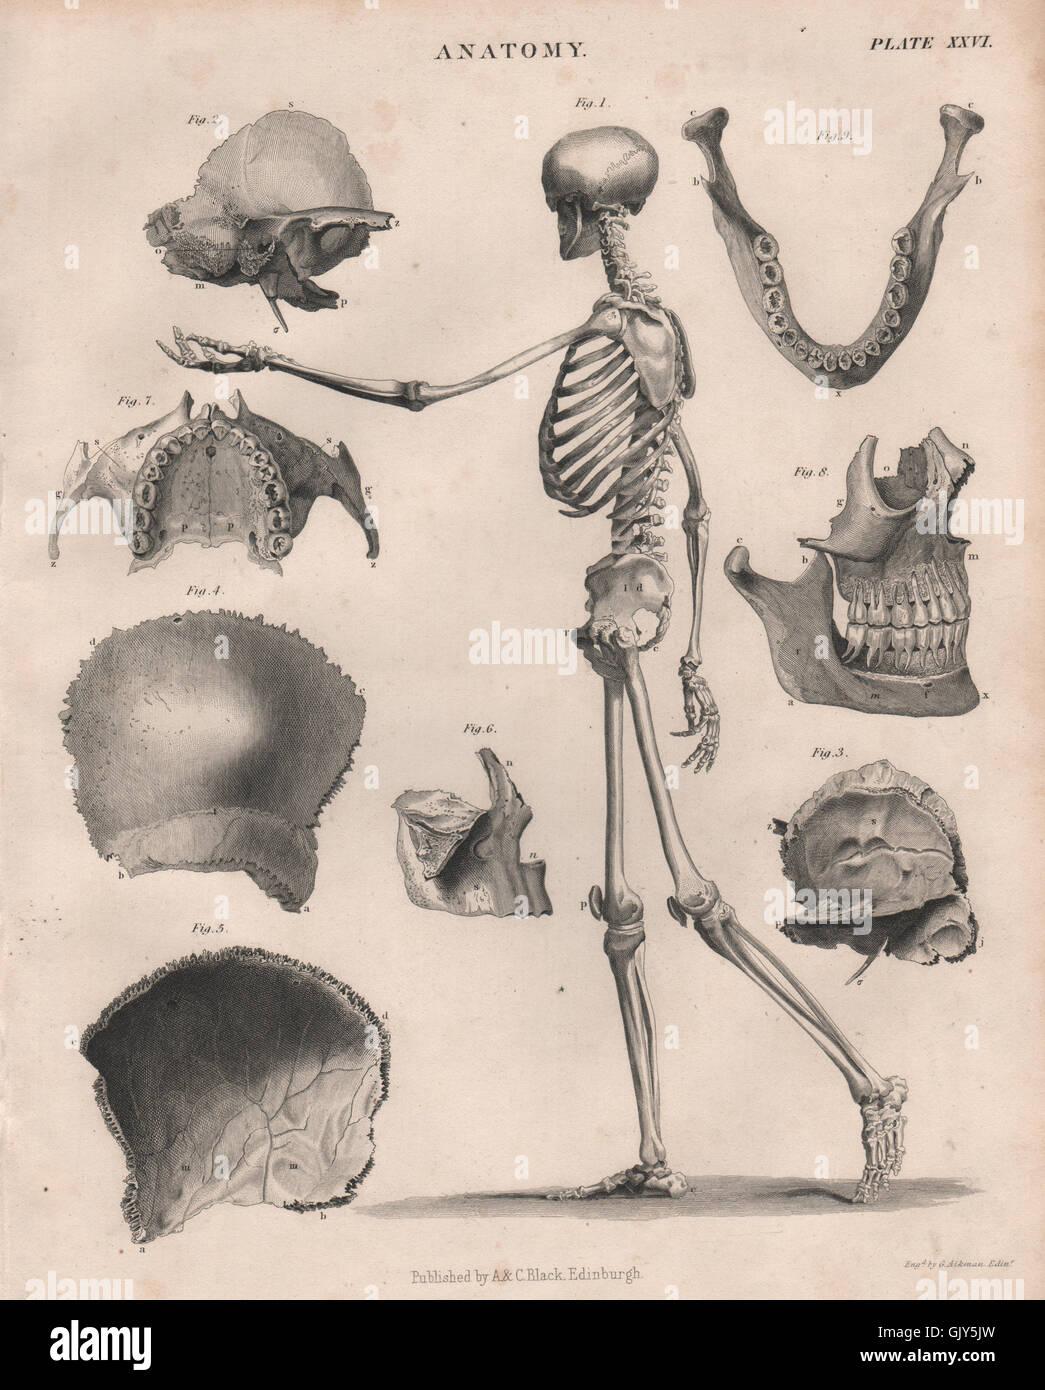 Engraved Human Skull Stockfotos & Engraved Human Skull Bilder - Alamy